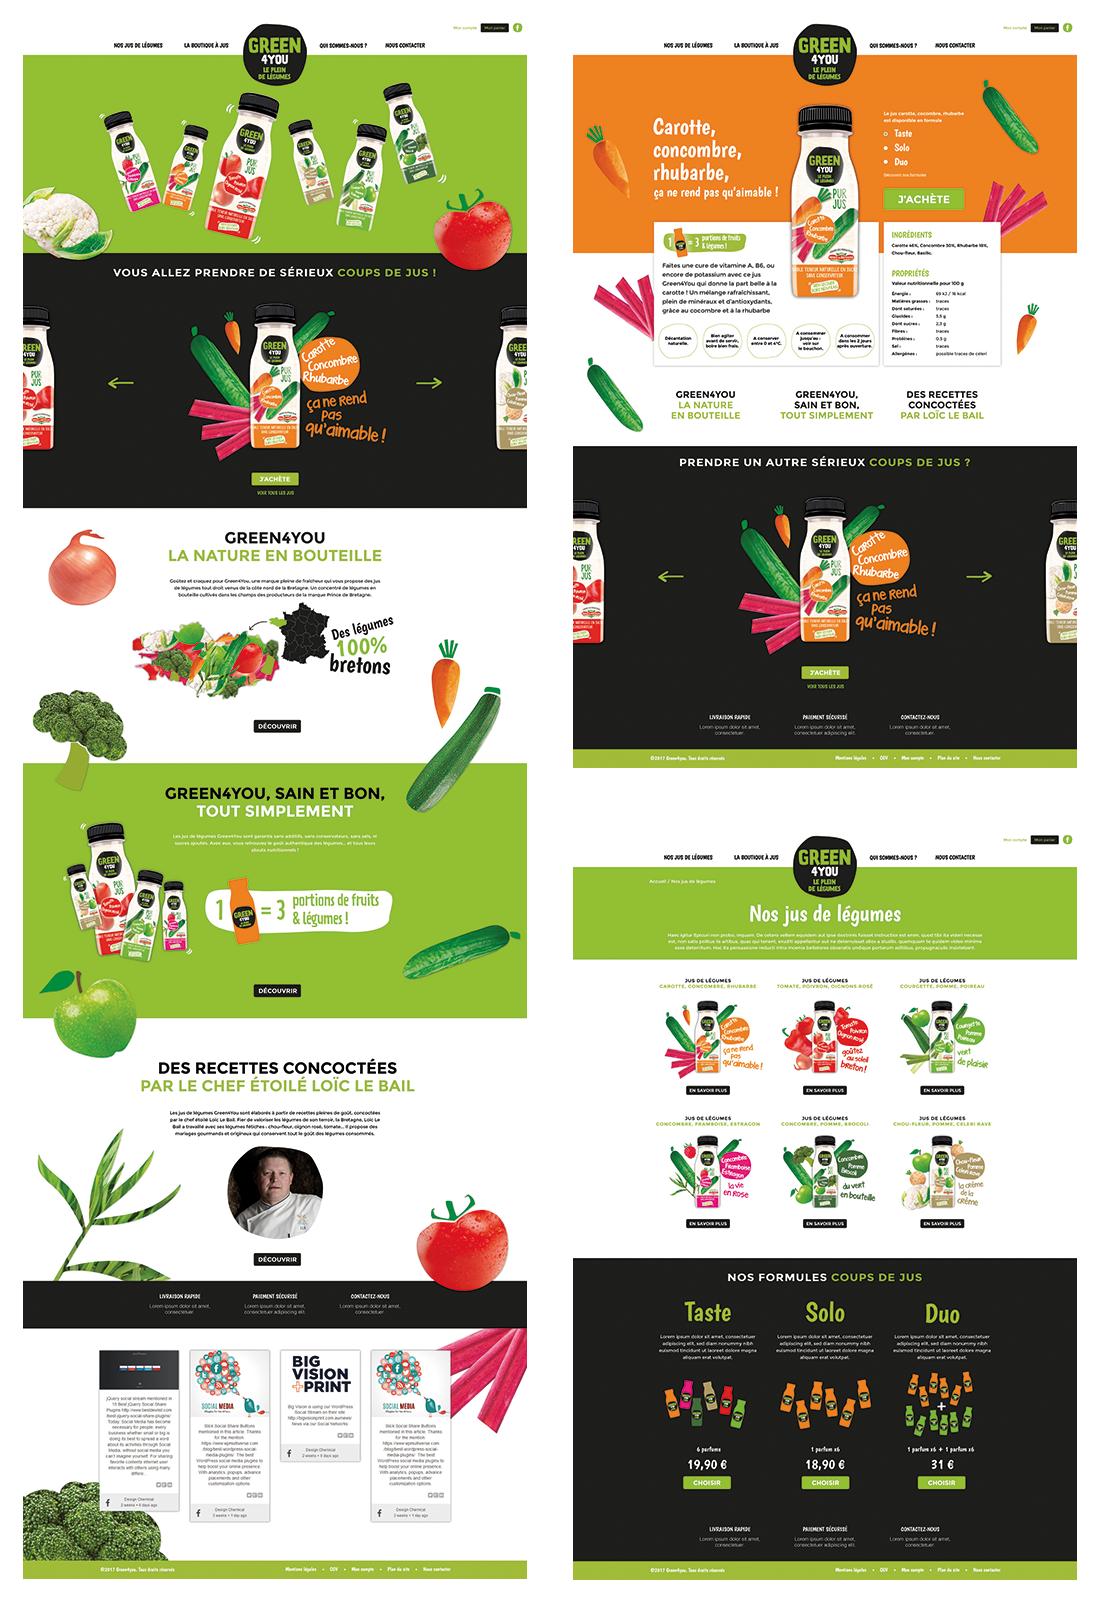 Graphiste Brest 🖍 ☆ 𝕋𝕒𝕟-𝕂ⅈ ☆ Webdesigner - Graphiste ...